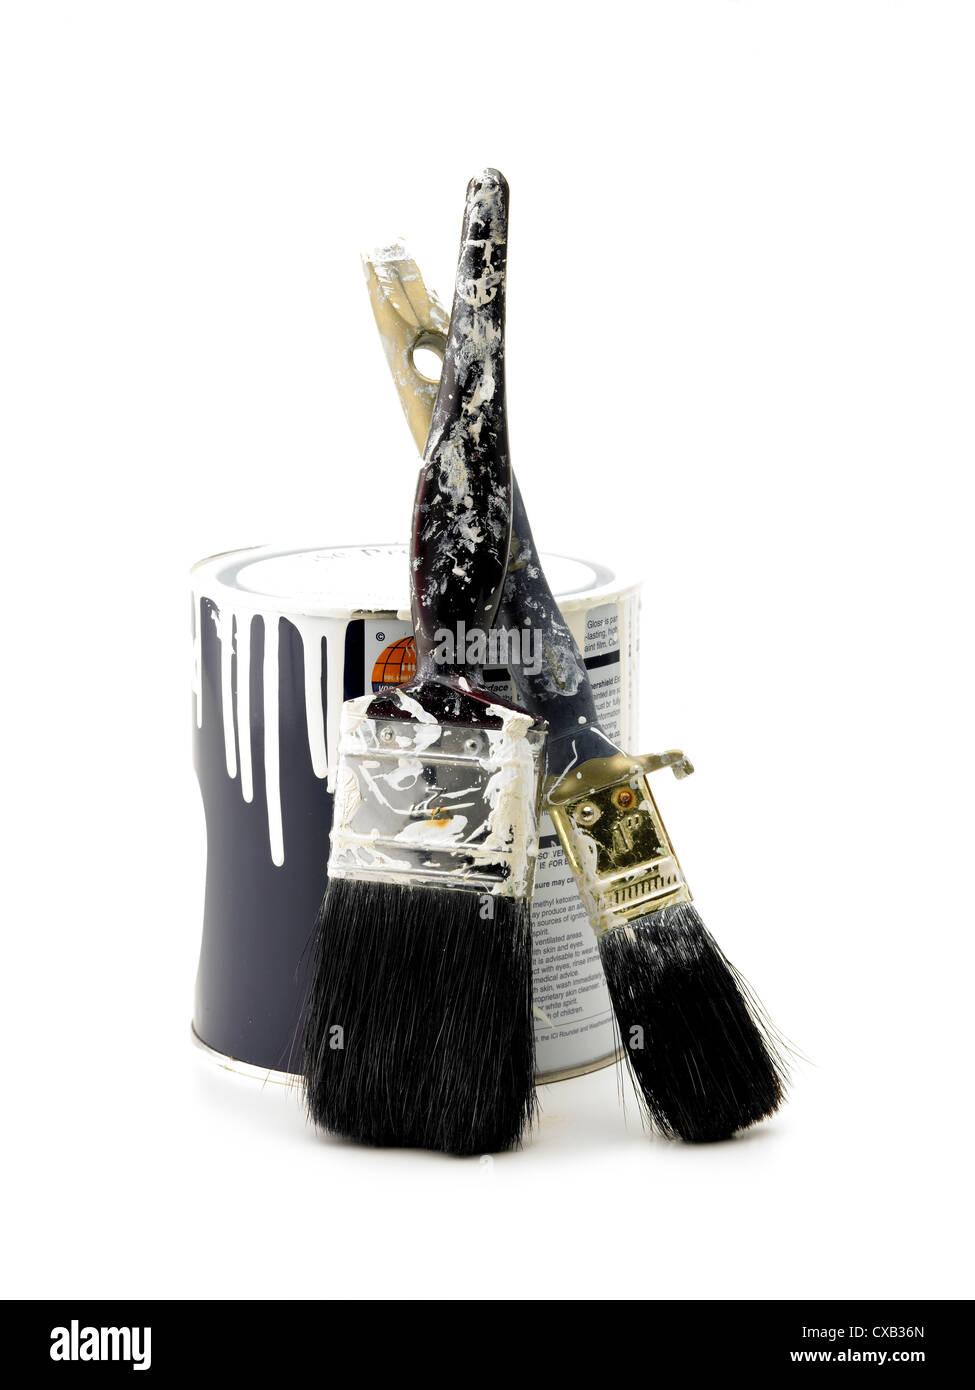 Vaso di vernice e spazzole Immagini Stock